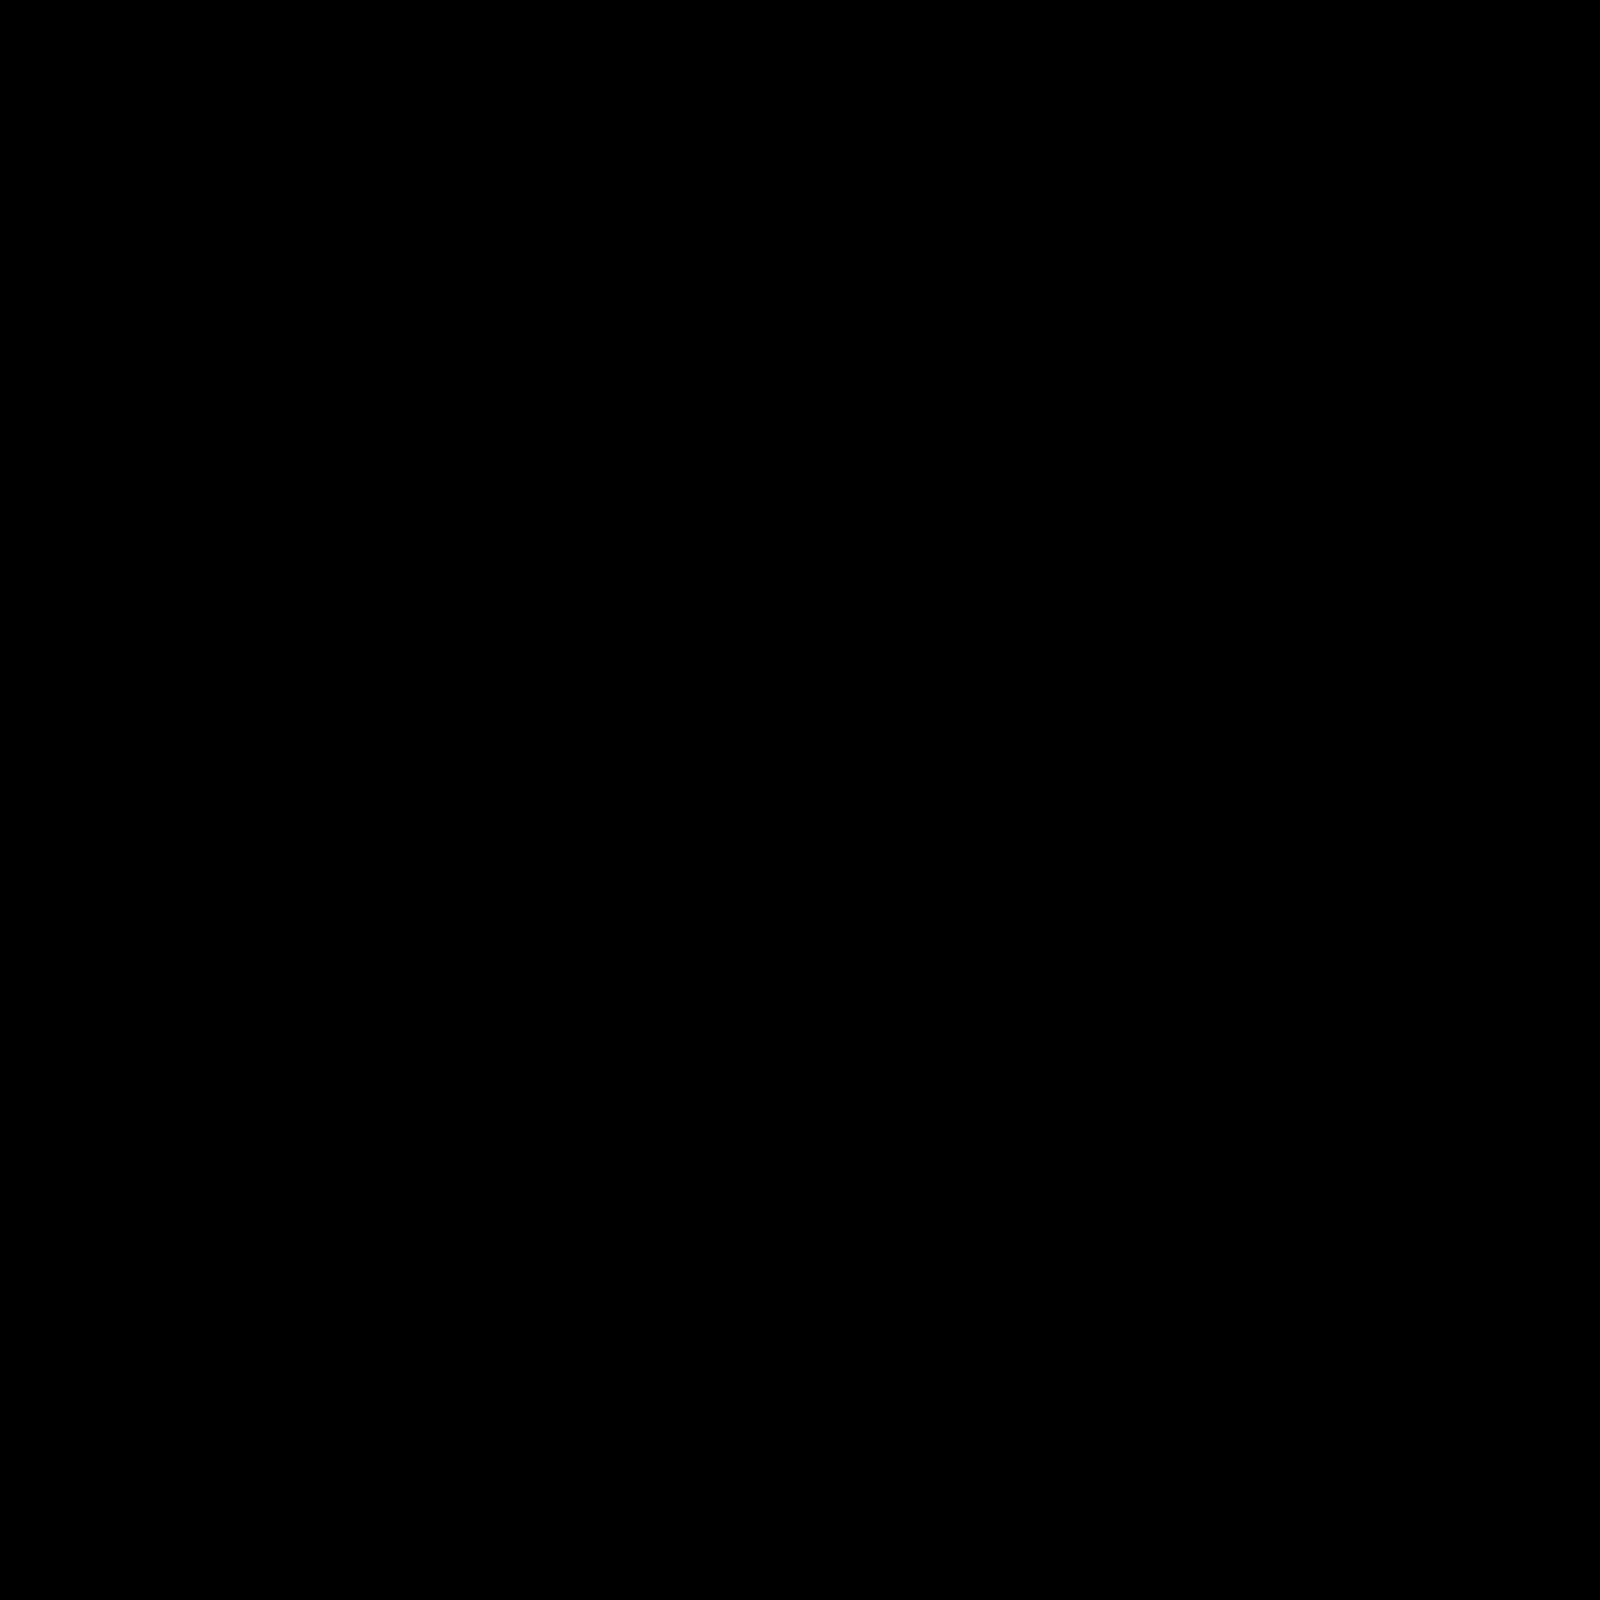 wczytywanie icon